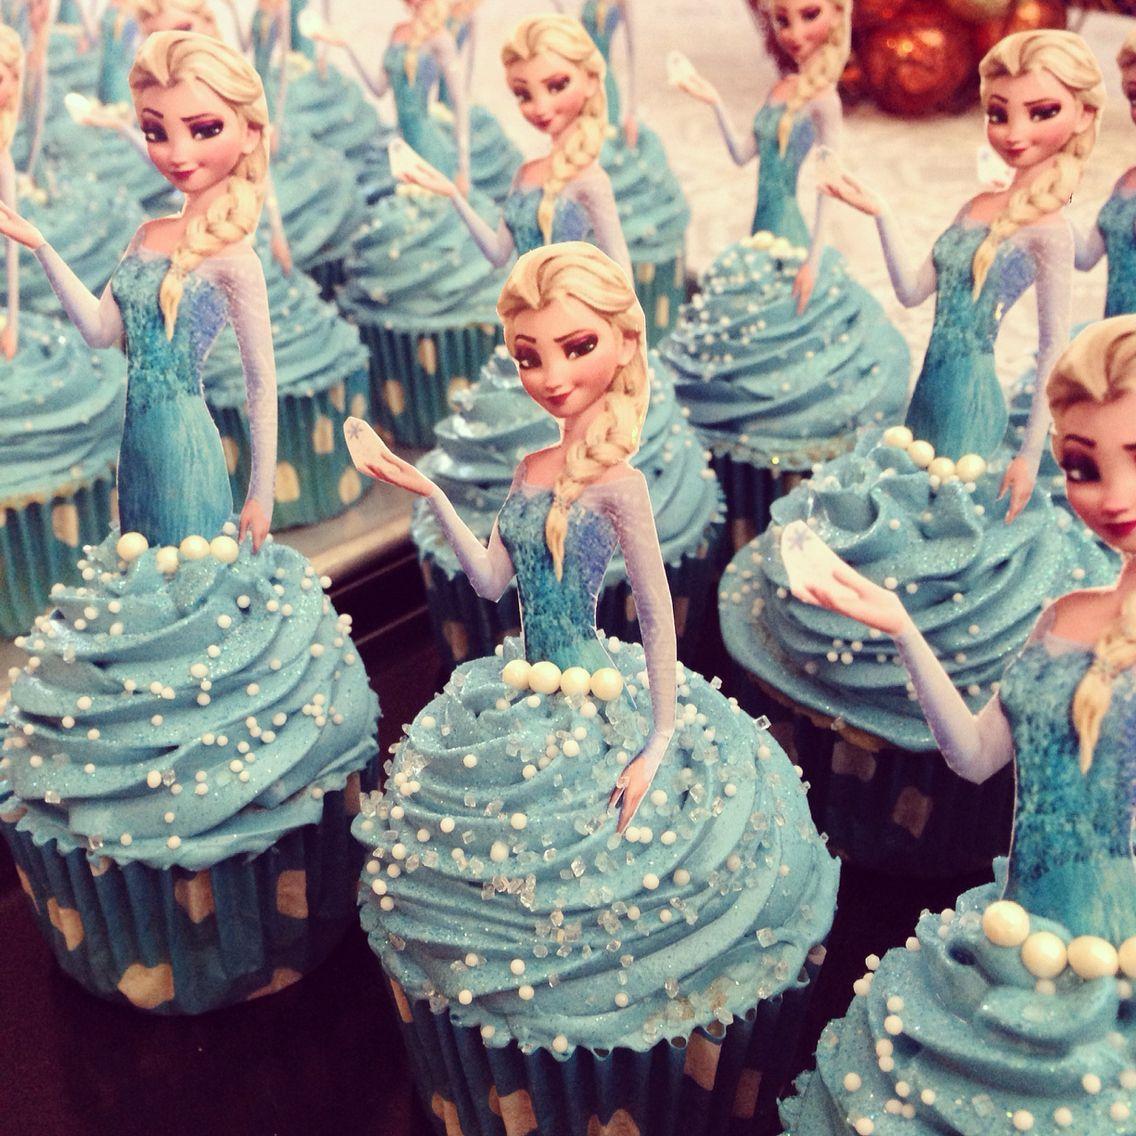 77 Decoracion De La Frozen Para Fiesta Infantil Casera #frozenbirthdayparty